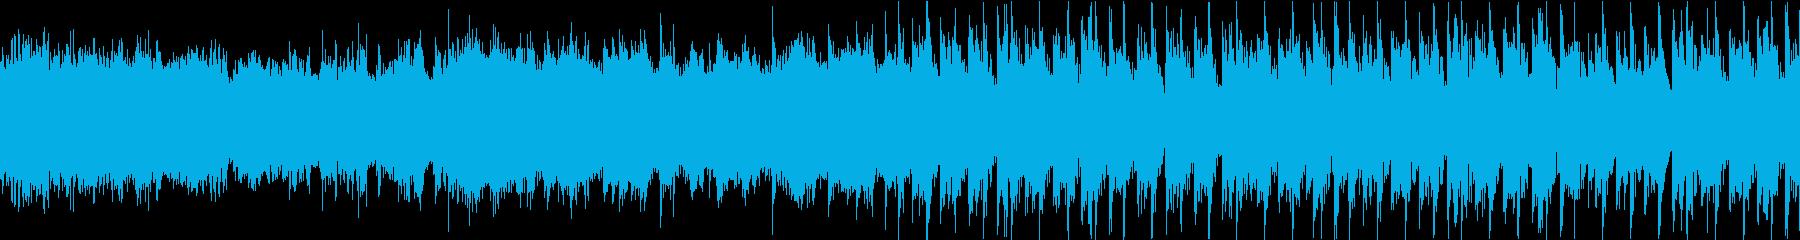 エネルギッシュなハウストラックの再生済みの波形